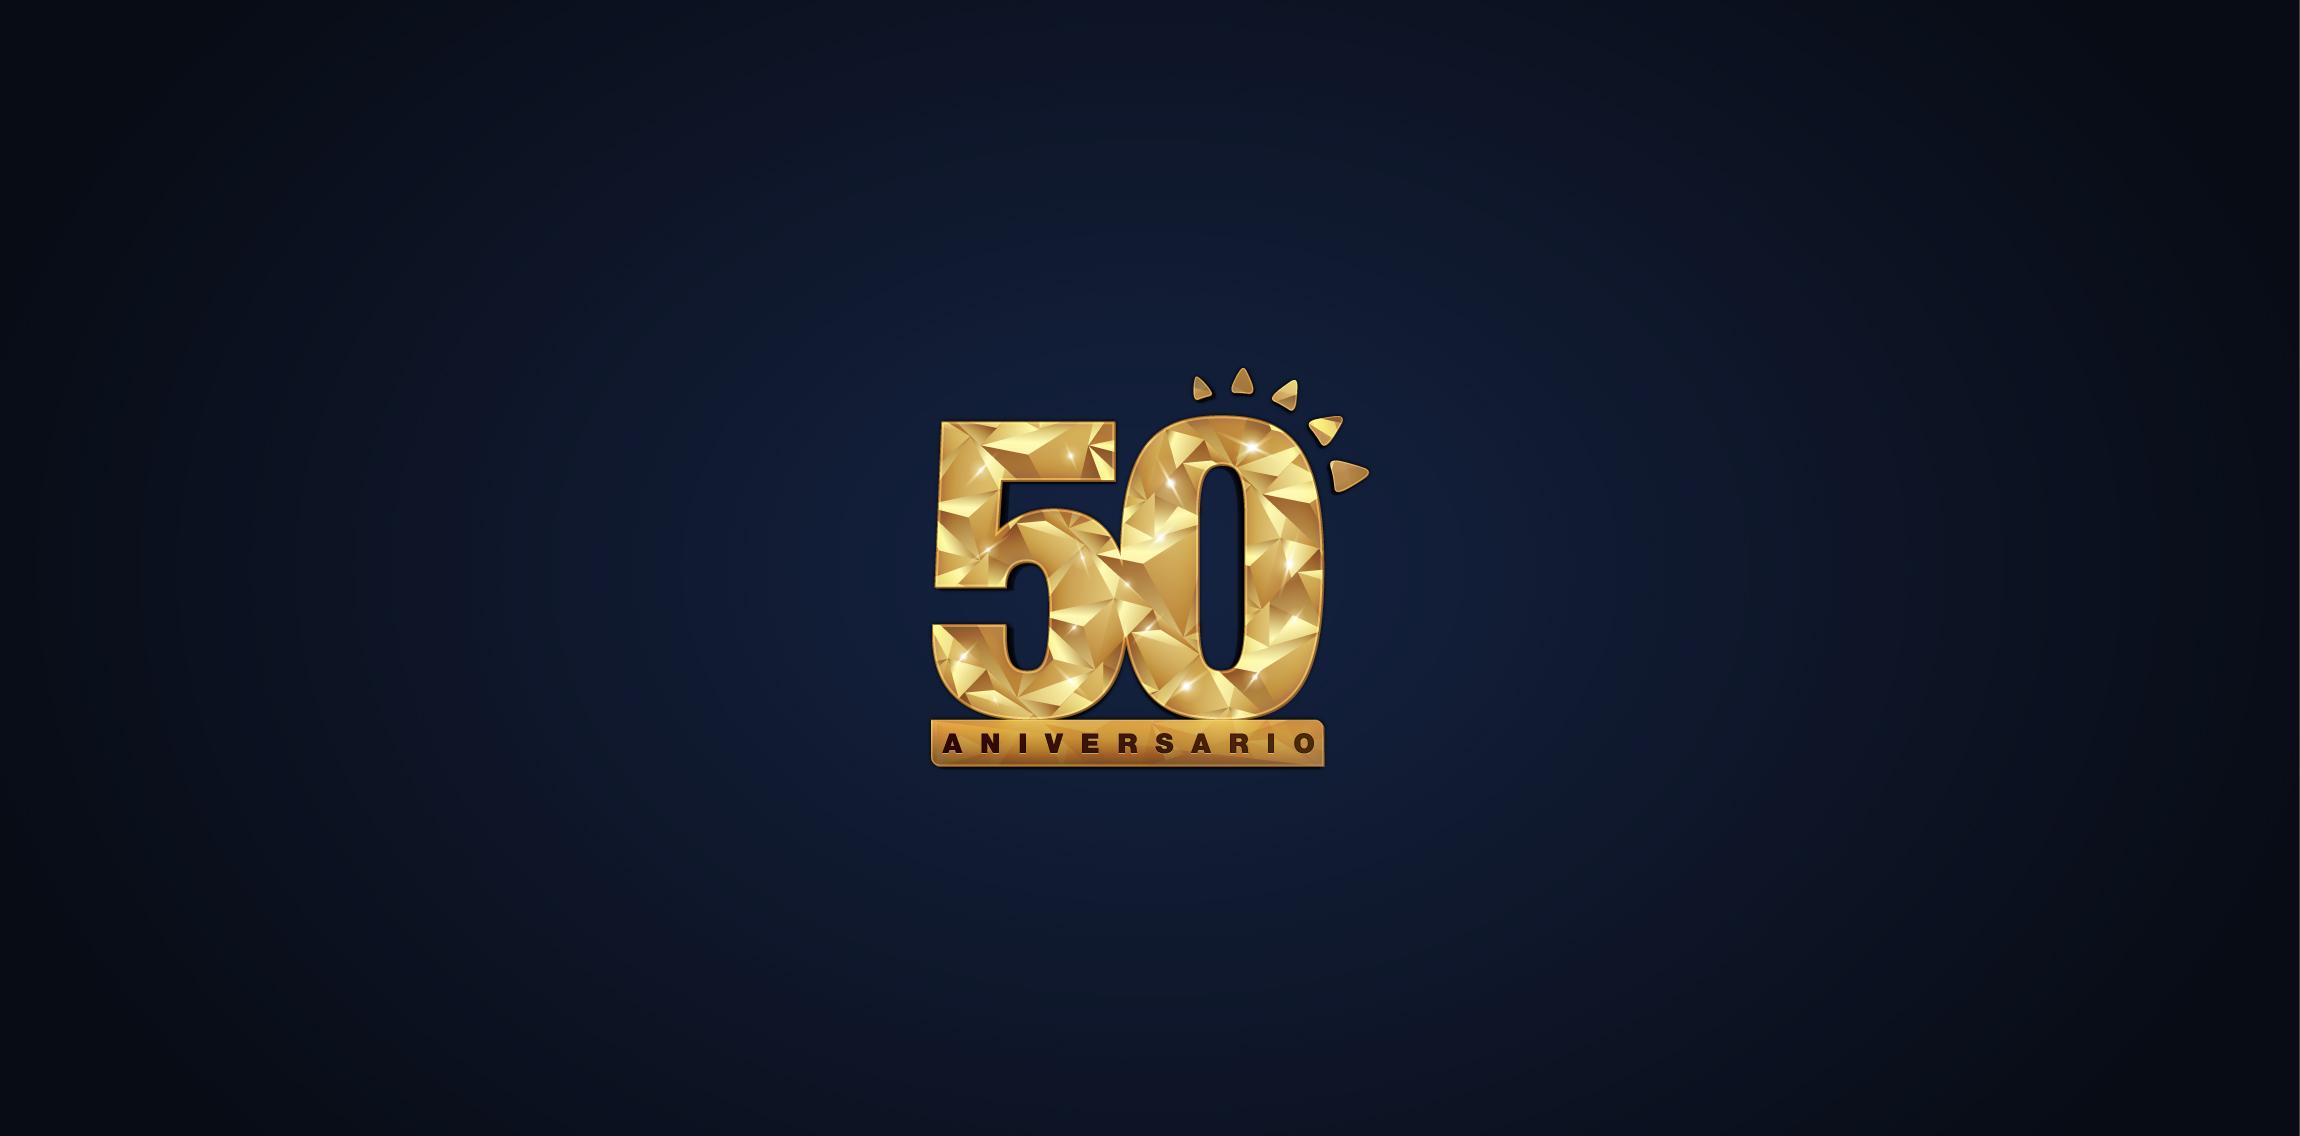 50 Aniversario | La Curacao